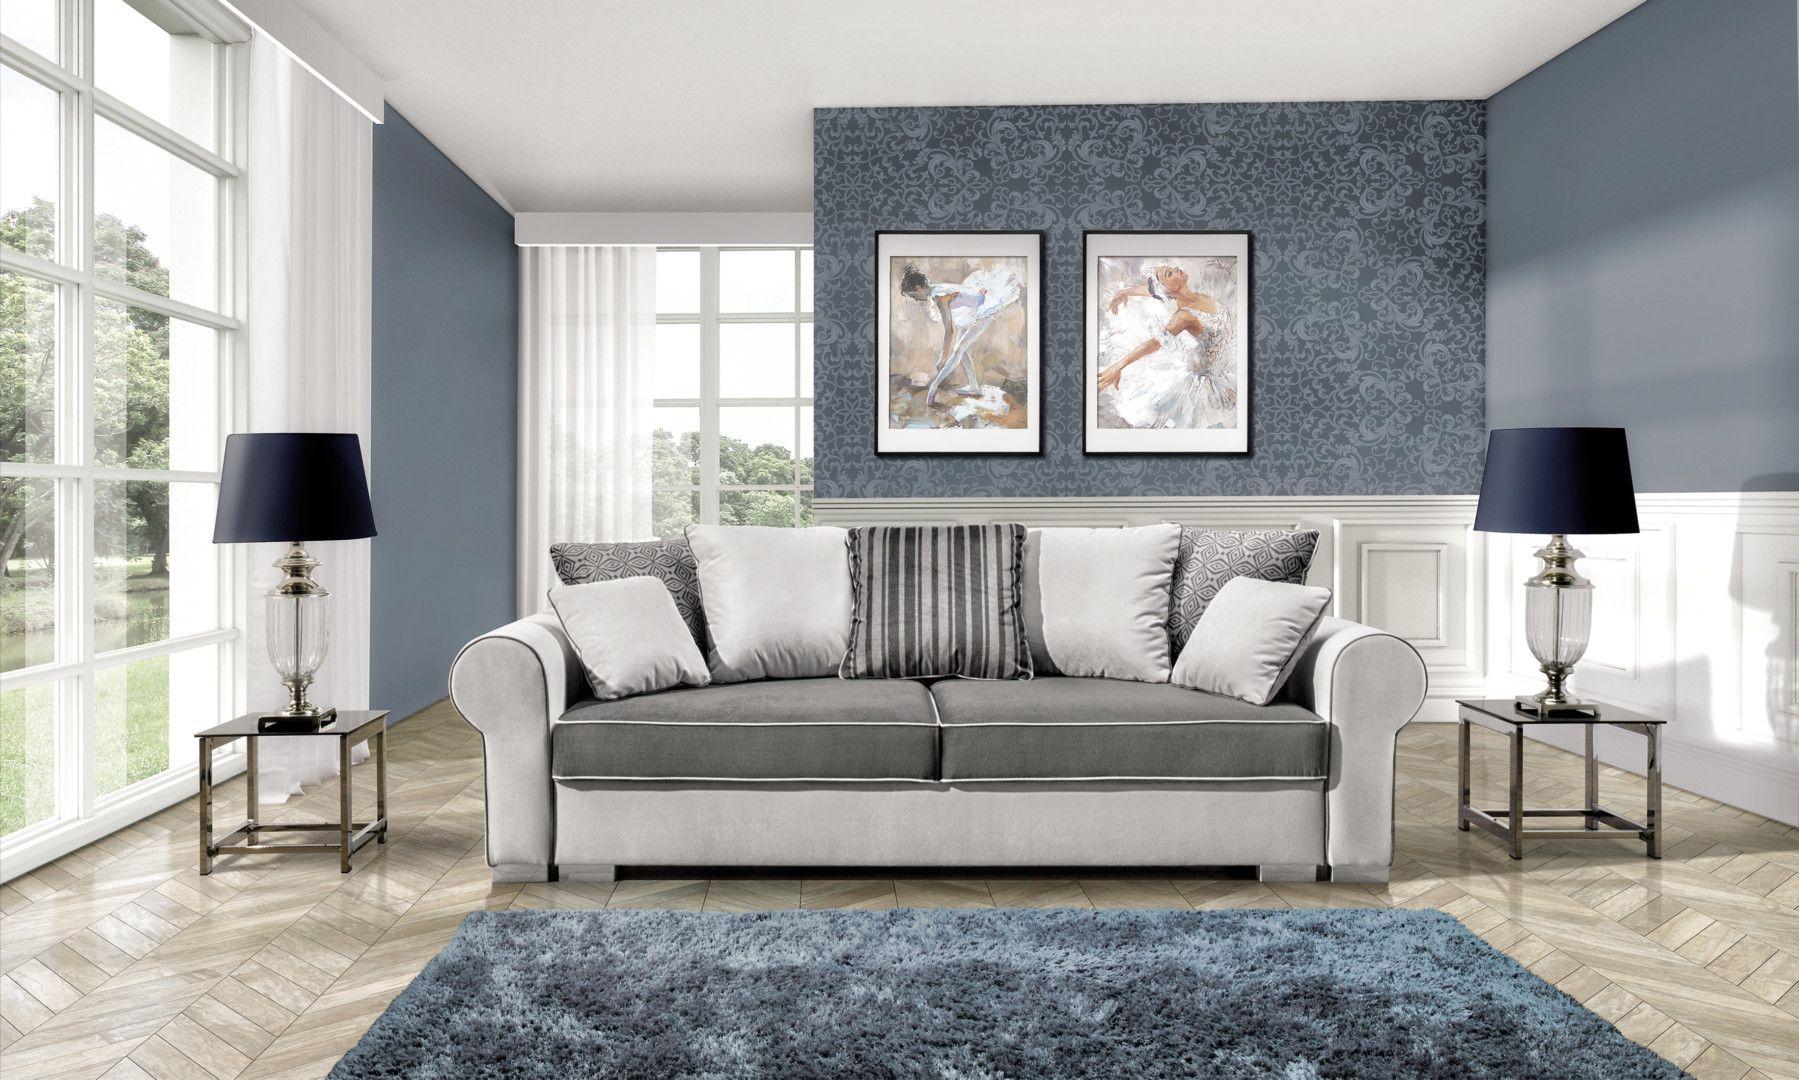 Wunderschön Couchgarnitur Mit Sessel Dekoration Von Alice Sofa Is A Mix Between Classic